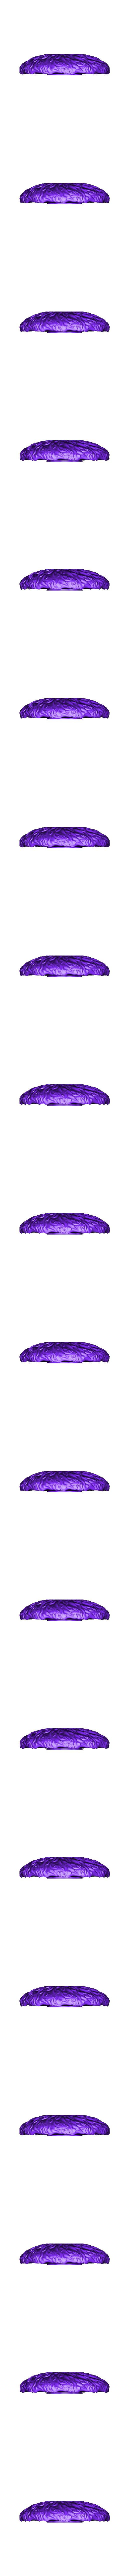 Tree_-_Foliage_2.stl Télécharger fichier STL gratuit Arbre - Zelda • Plan pour imprimante 3D, BODY3D